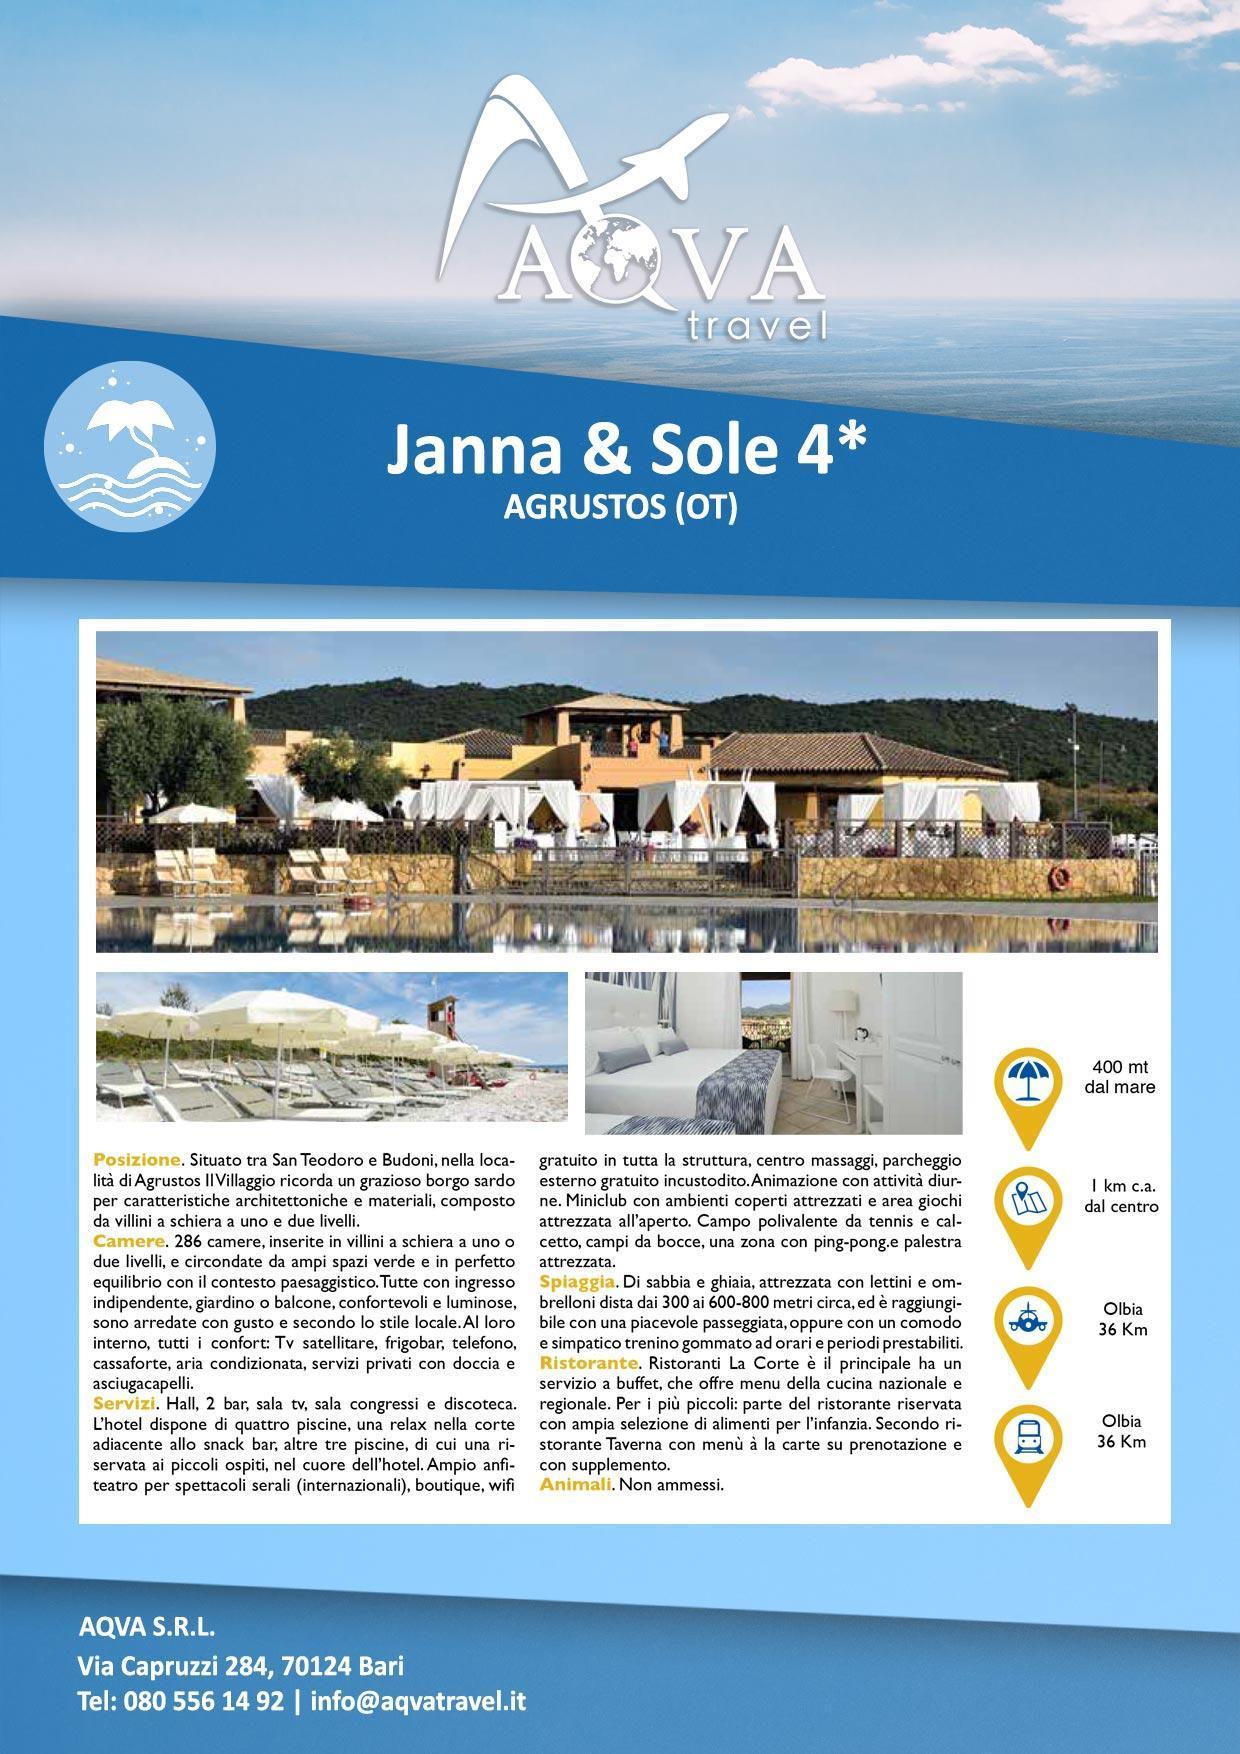 Janna-&-Sole-4-Mare-offerte-agenzia-di-viaggi-Bari-AQVATRAVEL-it